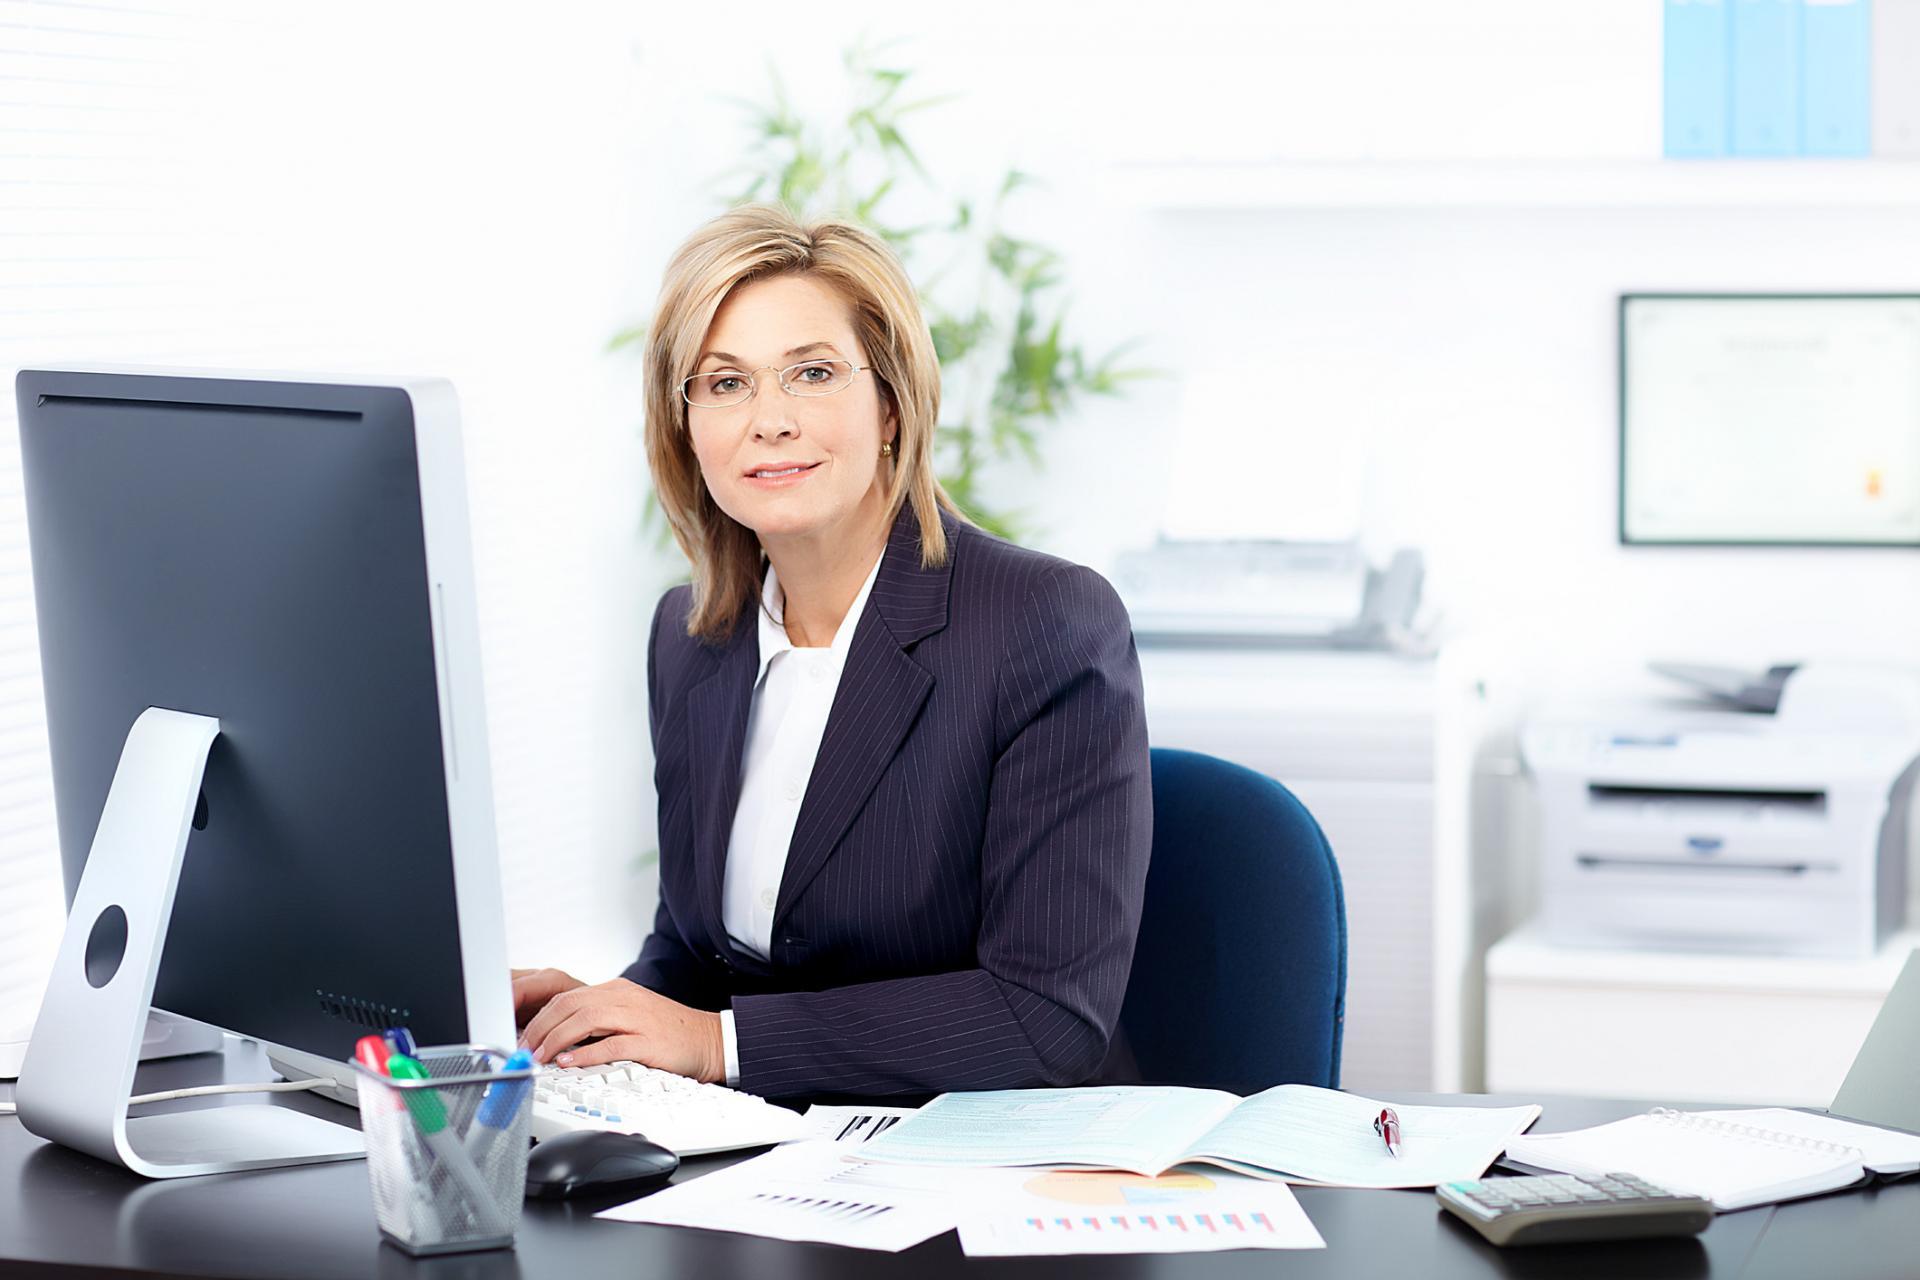 несет ли административную ответственность директор за предыдущего